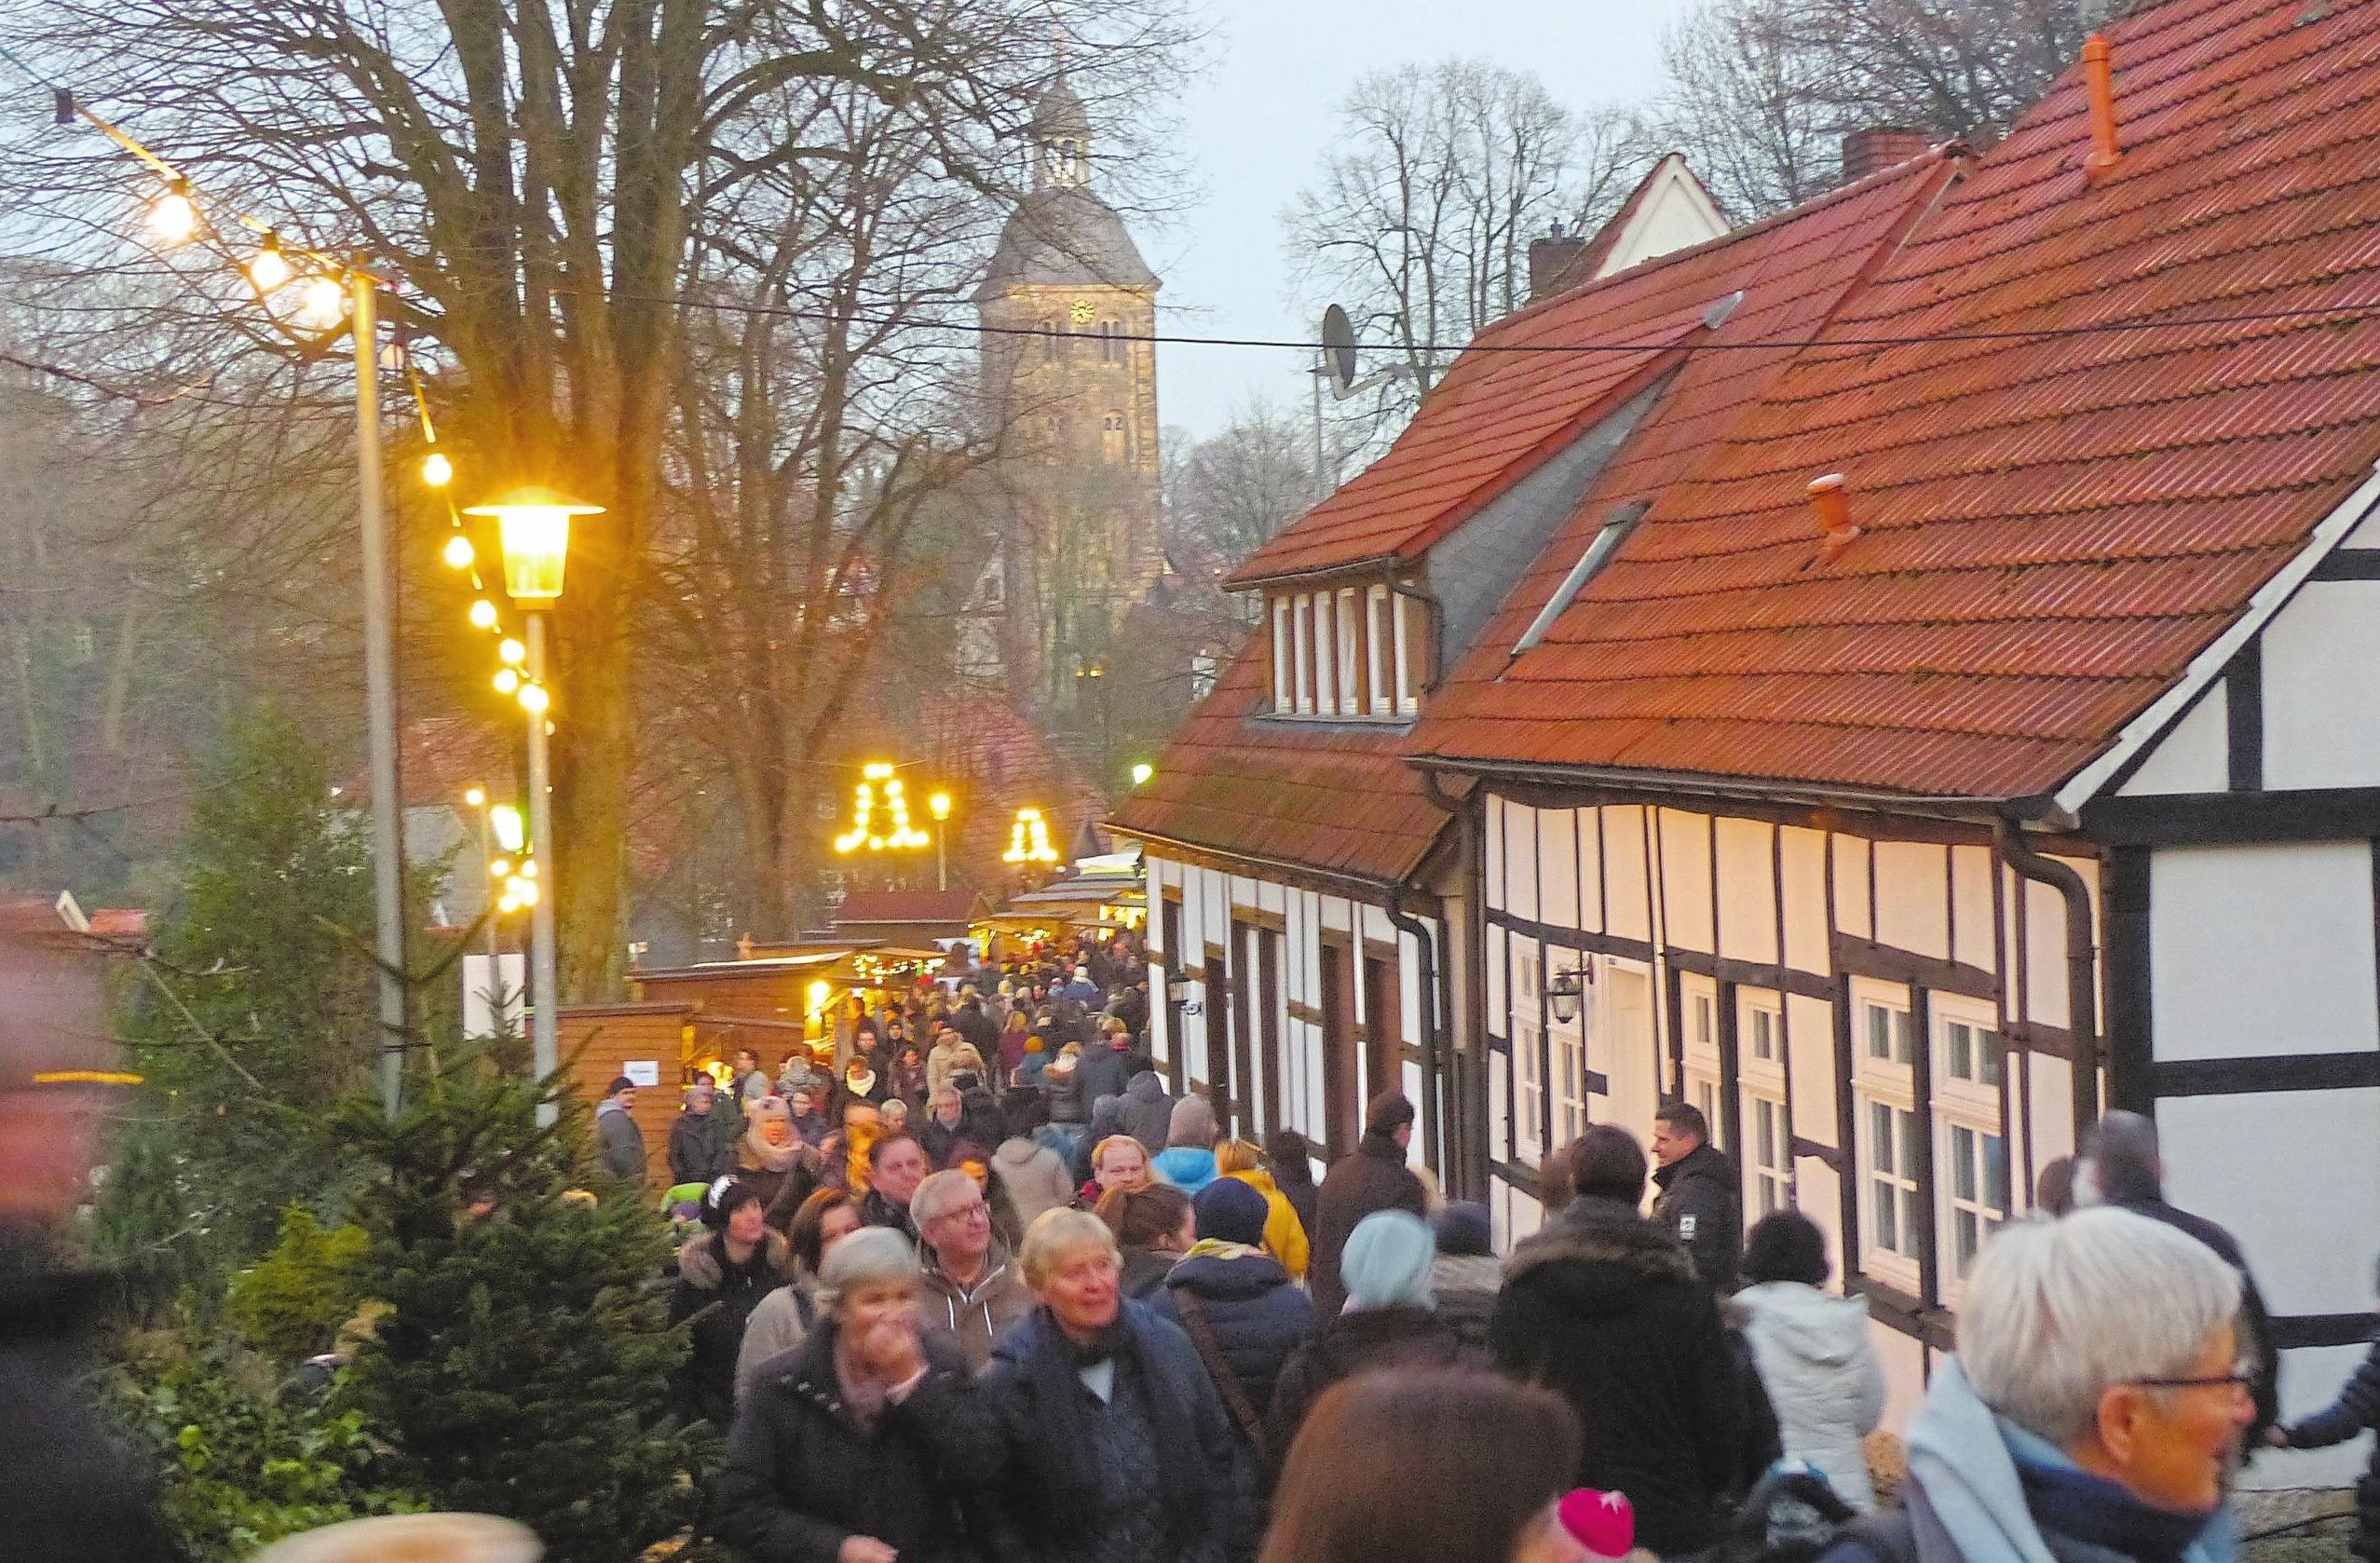 Weil beim Altstadtzauber regelmäßig der Bär steppt und Parkplätze rar sind, verweist die Tecklenburg Touristik auf ihren Shuttle-Service.